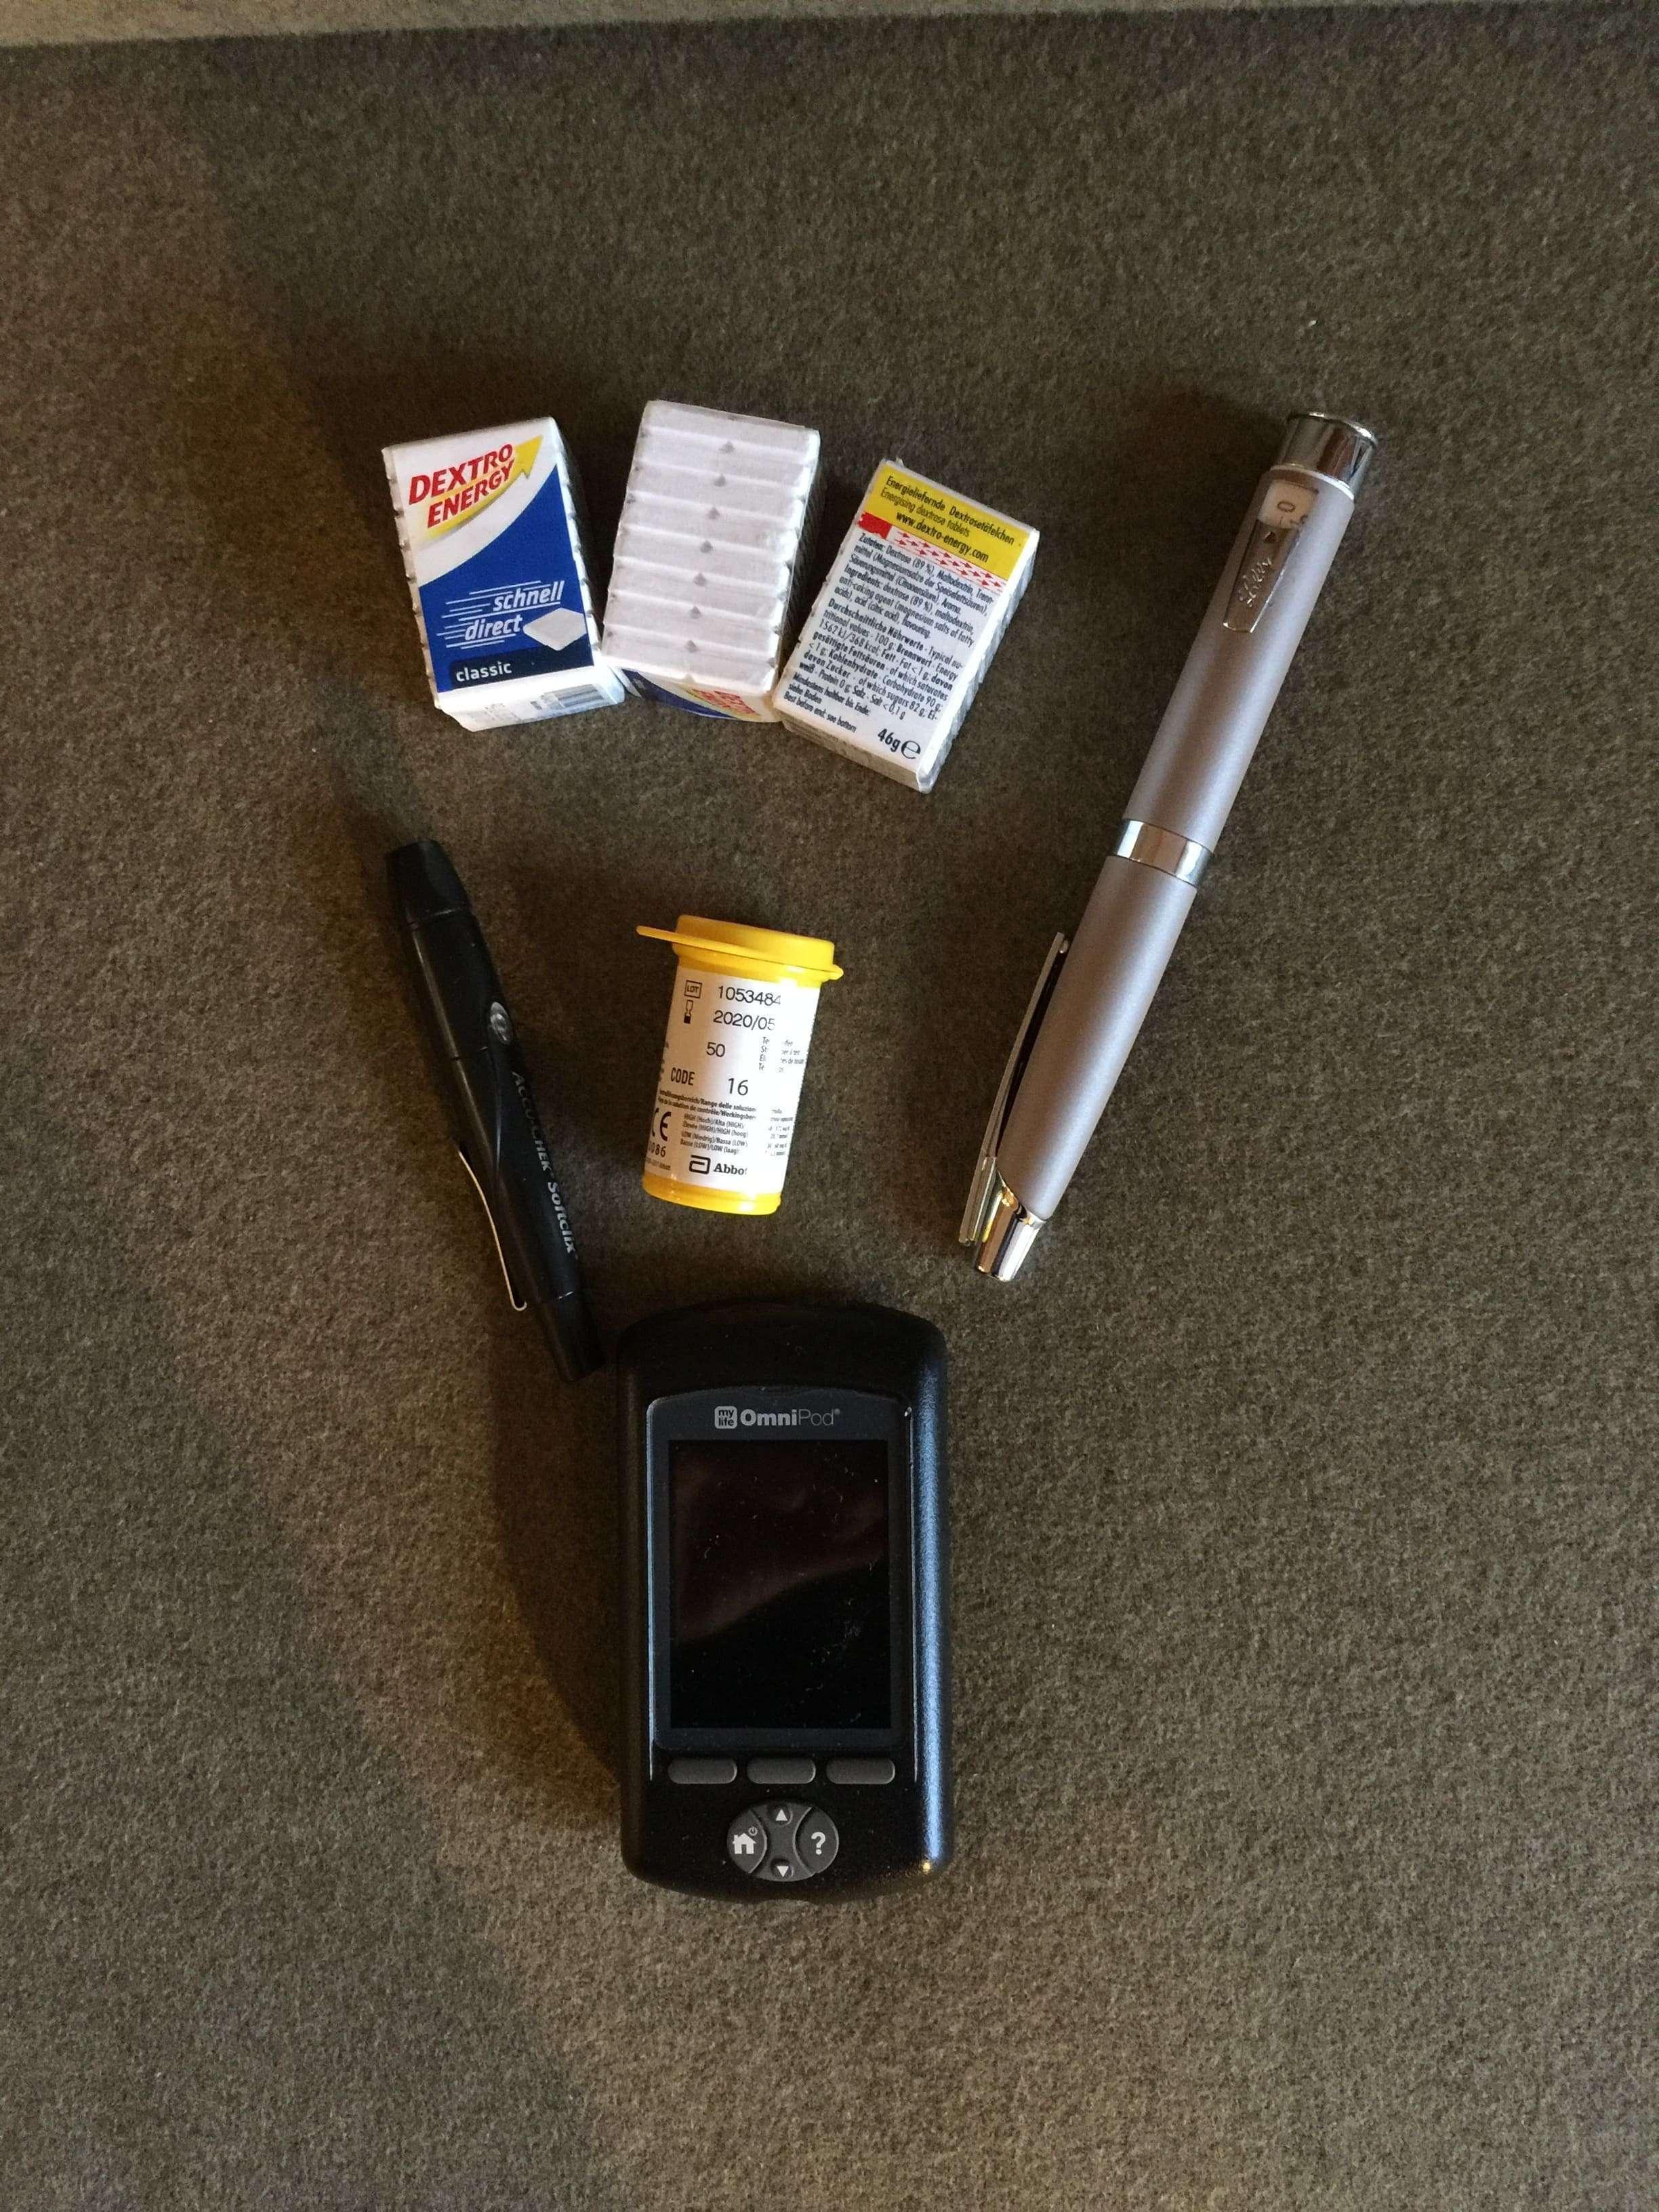 Urlaub mit Diabetes: Meine Diabetesaüsrüstung